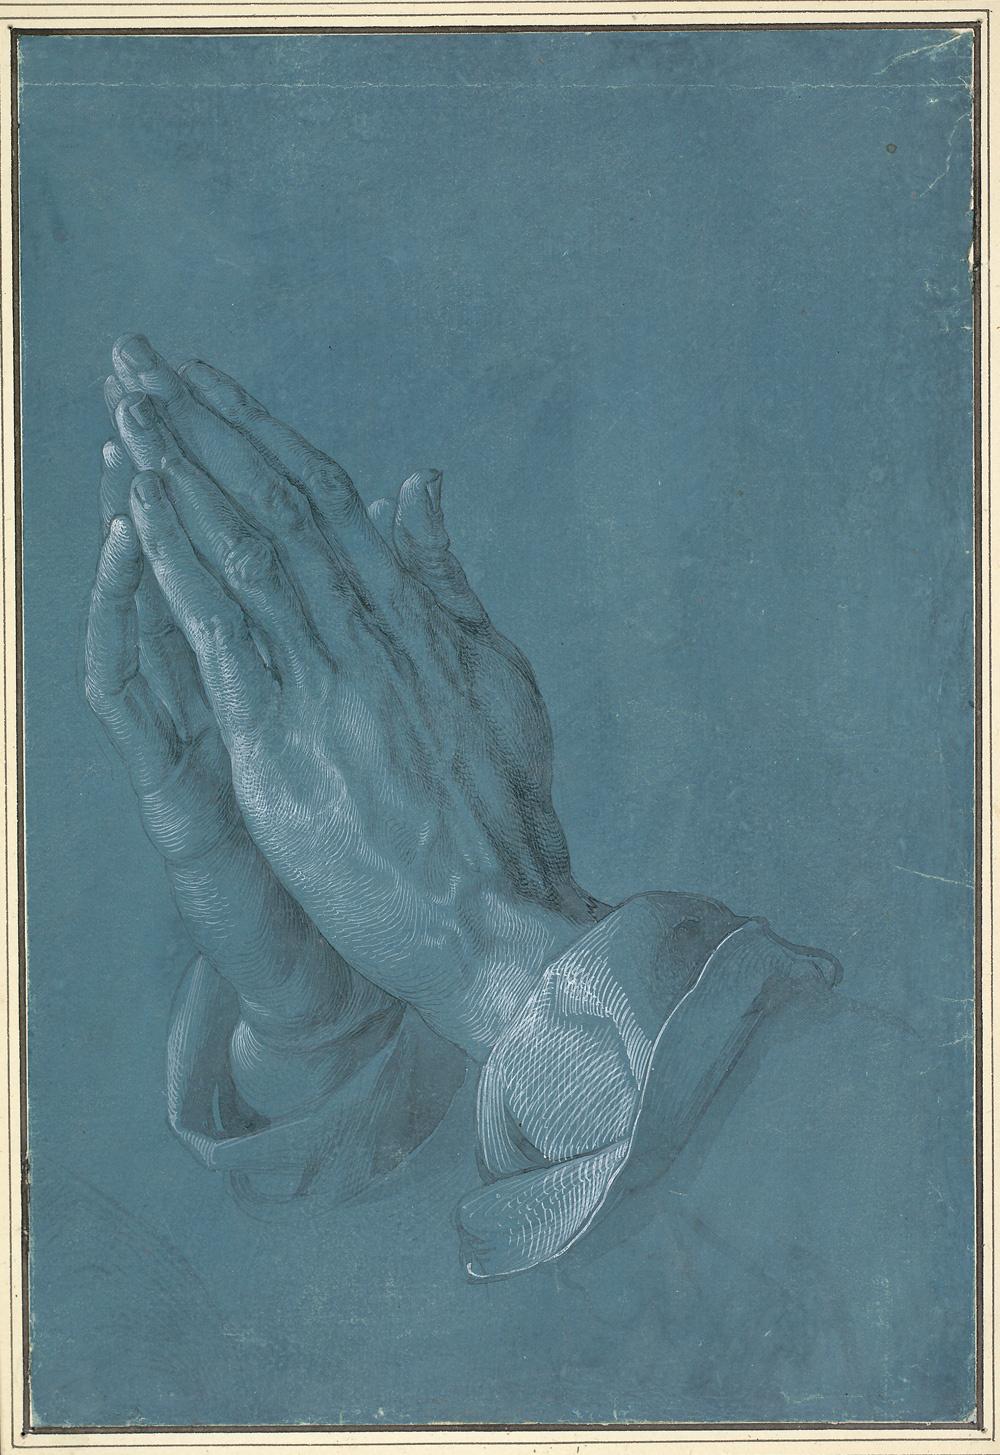 Albrecht Dürer. Praying Hands (Hands of the Apostle)